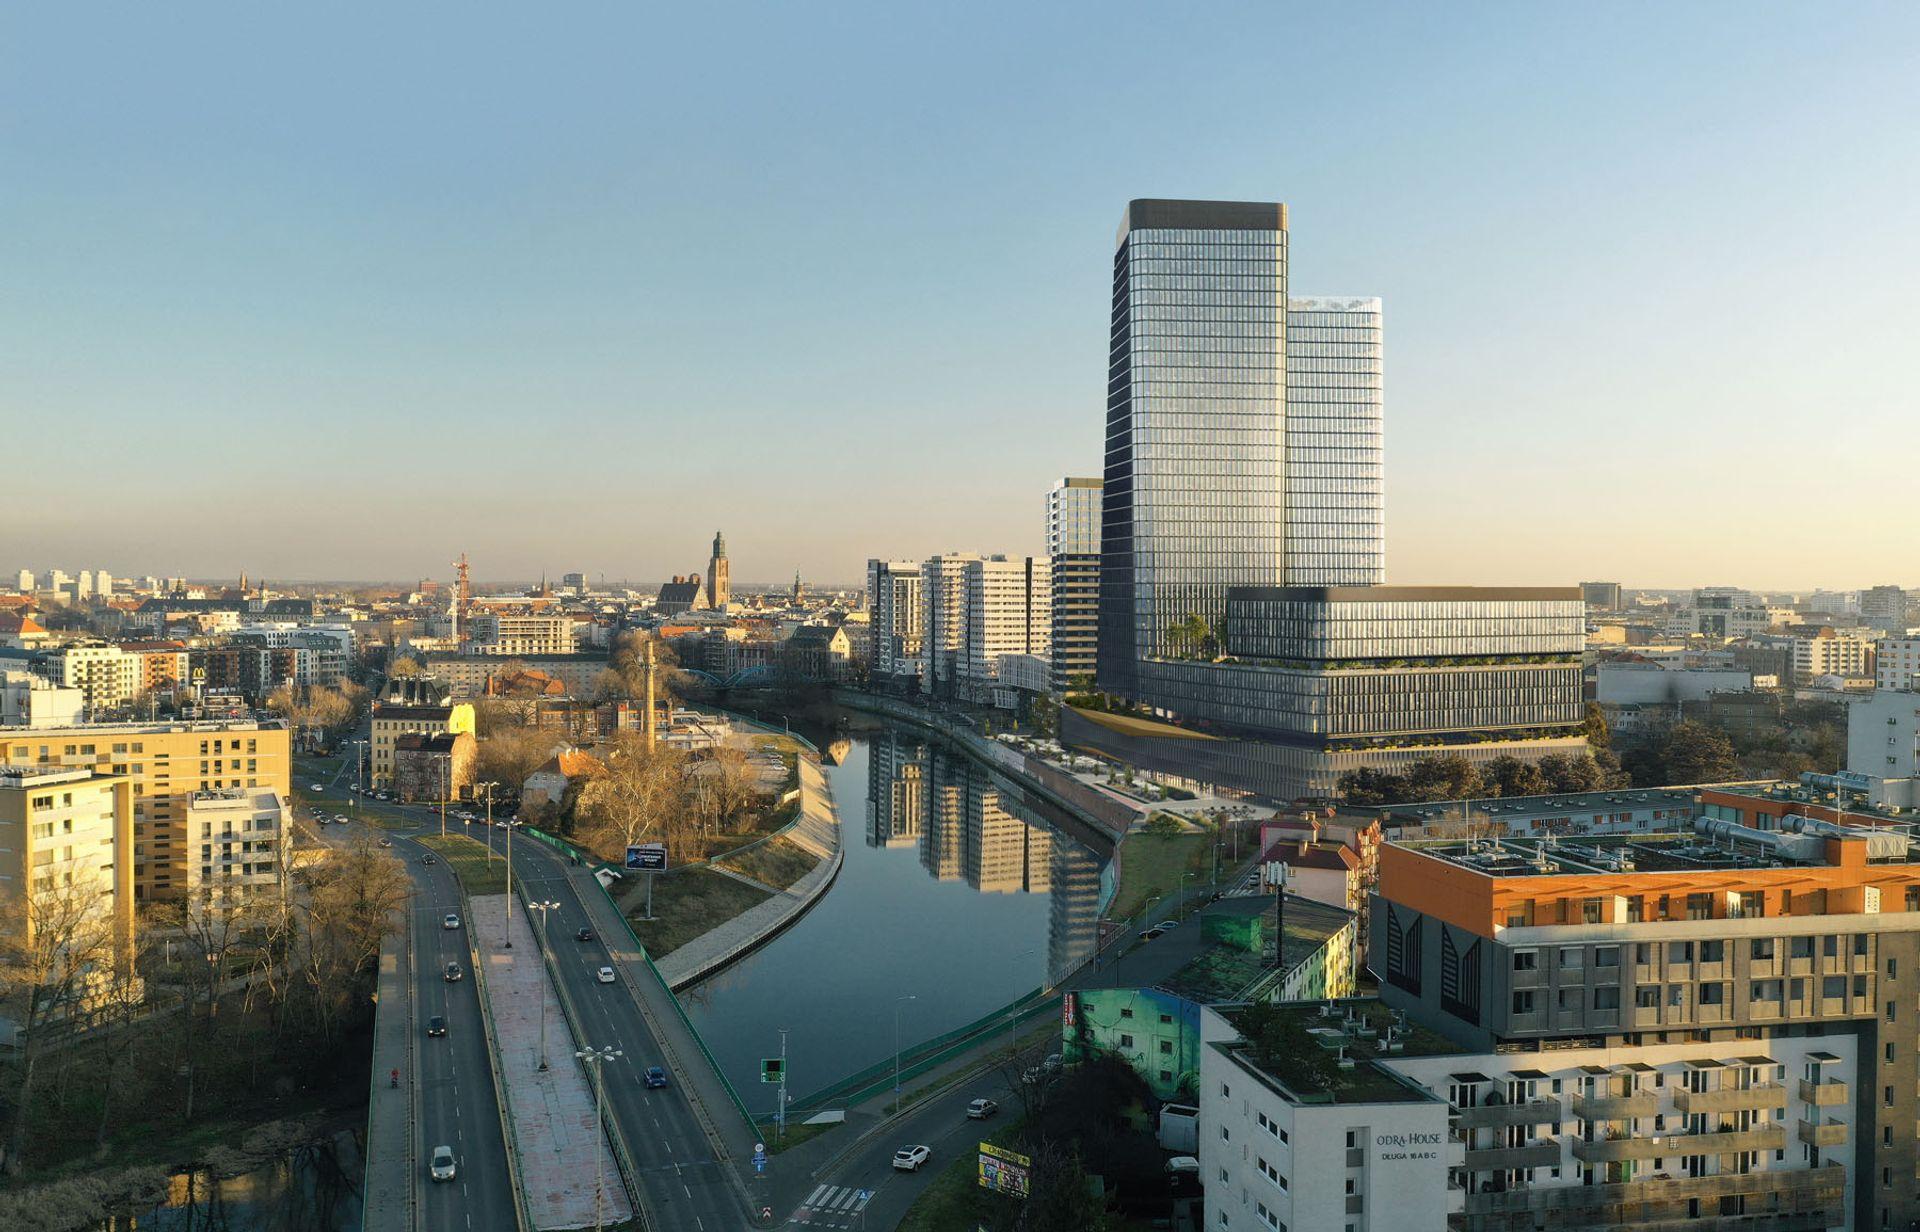 We Wrocławiu rusza budowa 140-metrowego wieżowca w kompleksie Quorum [ZDJĘCIA + WIZUALIZACJE]